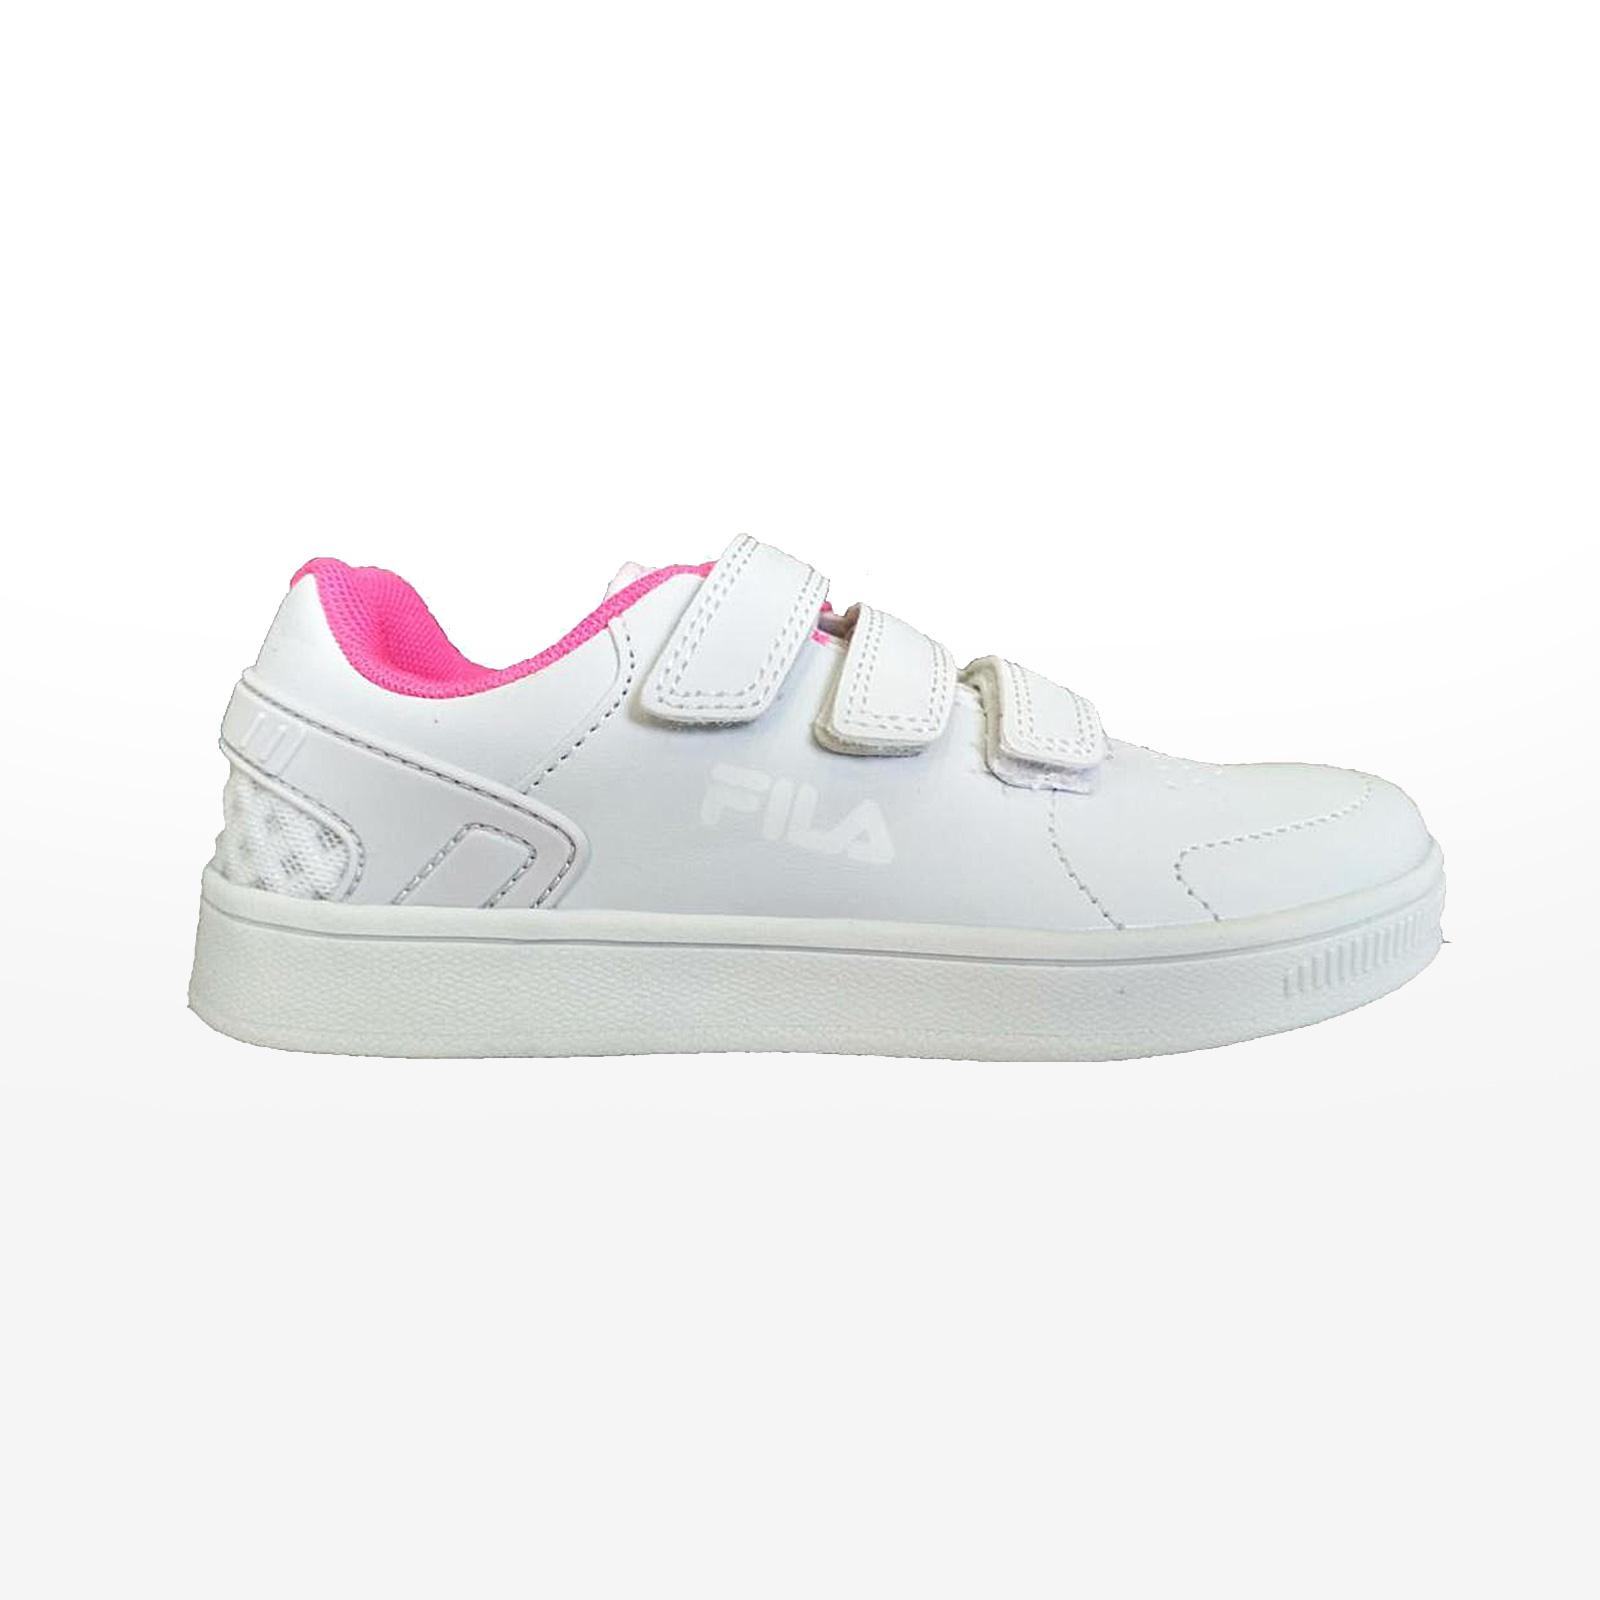 4df576e5953 -50% Sportcafe Fila – 3LS83103 PANDA VELCRO FOOTWEAR – WHITE , (503/91F0)